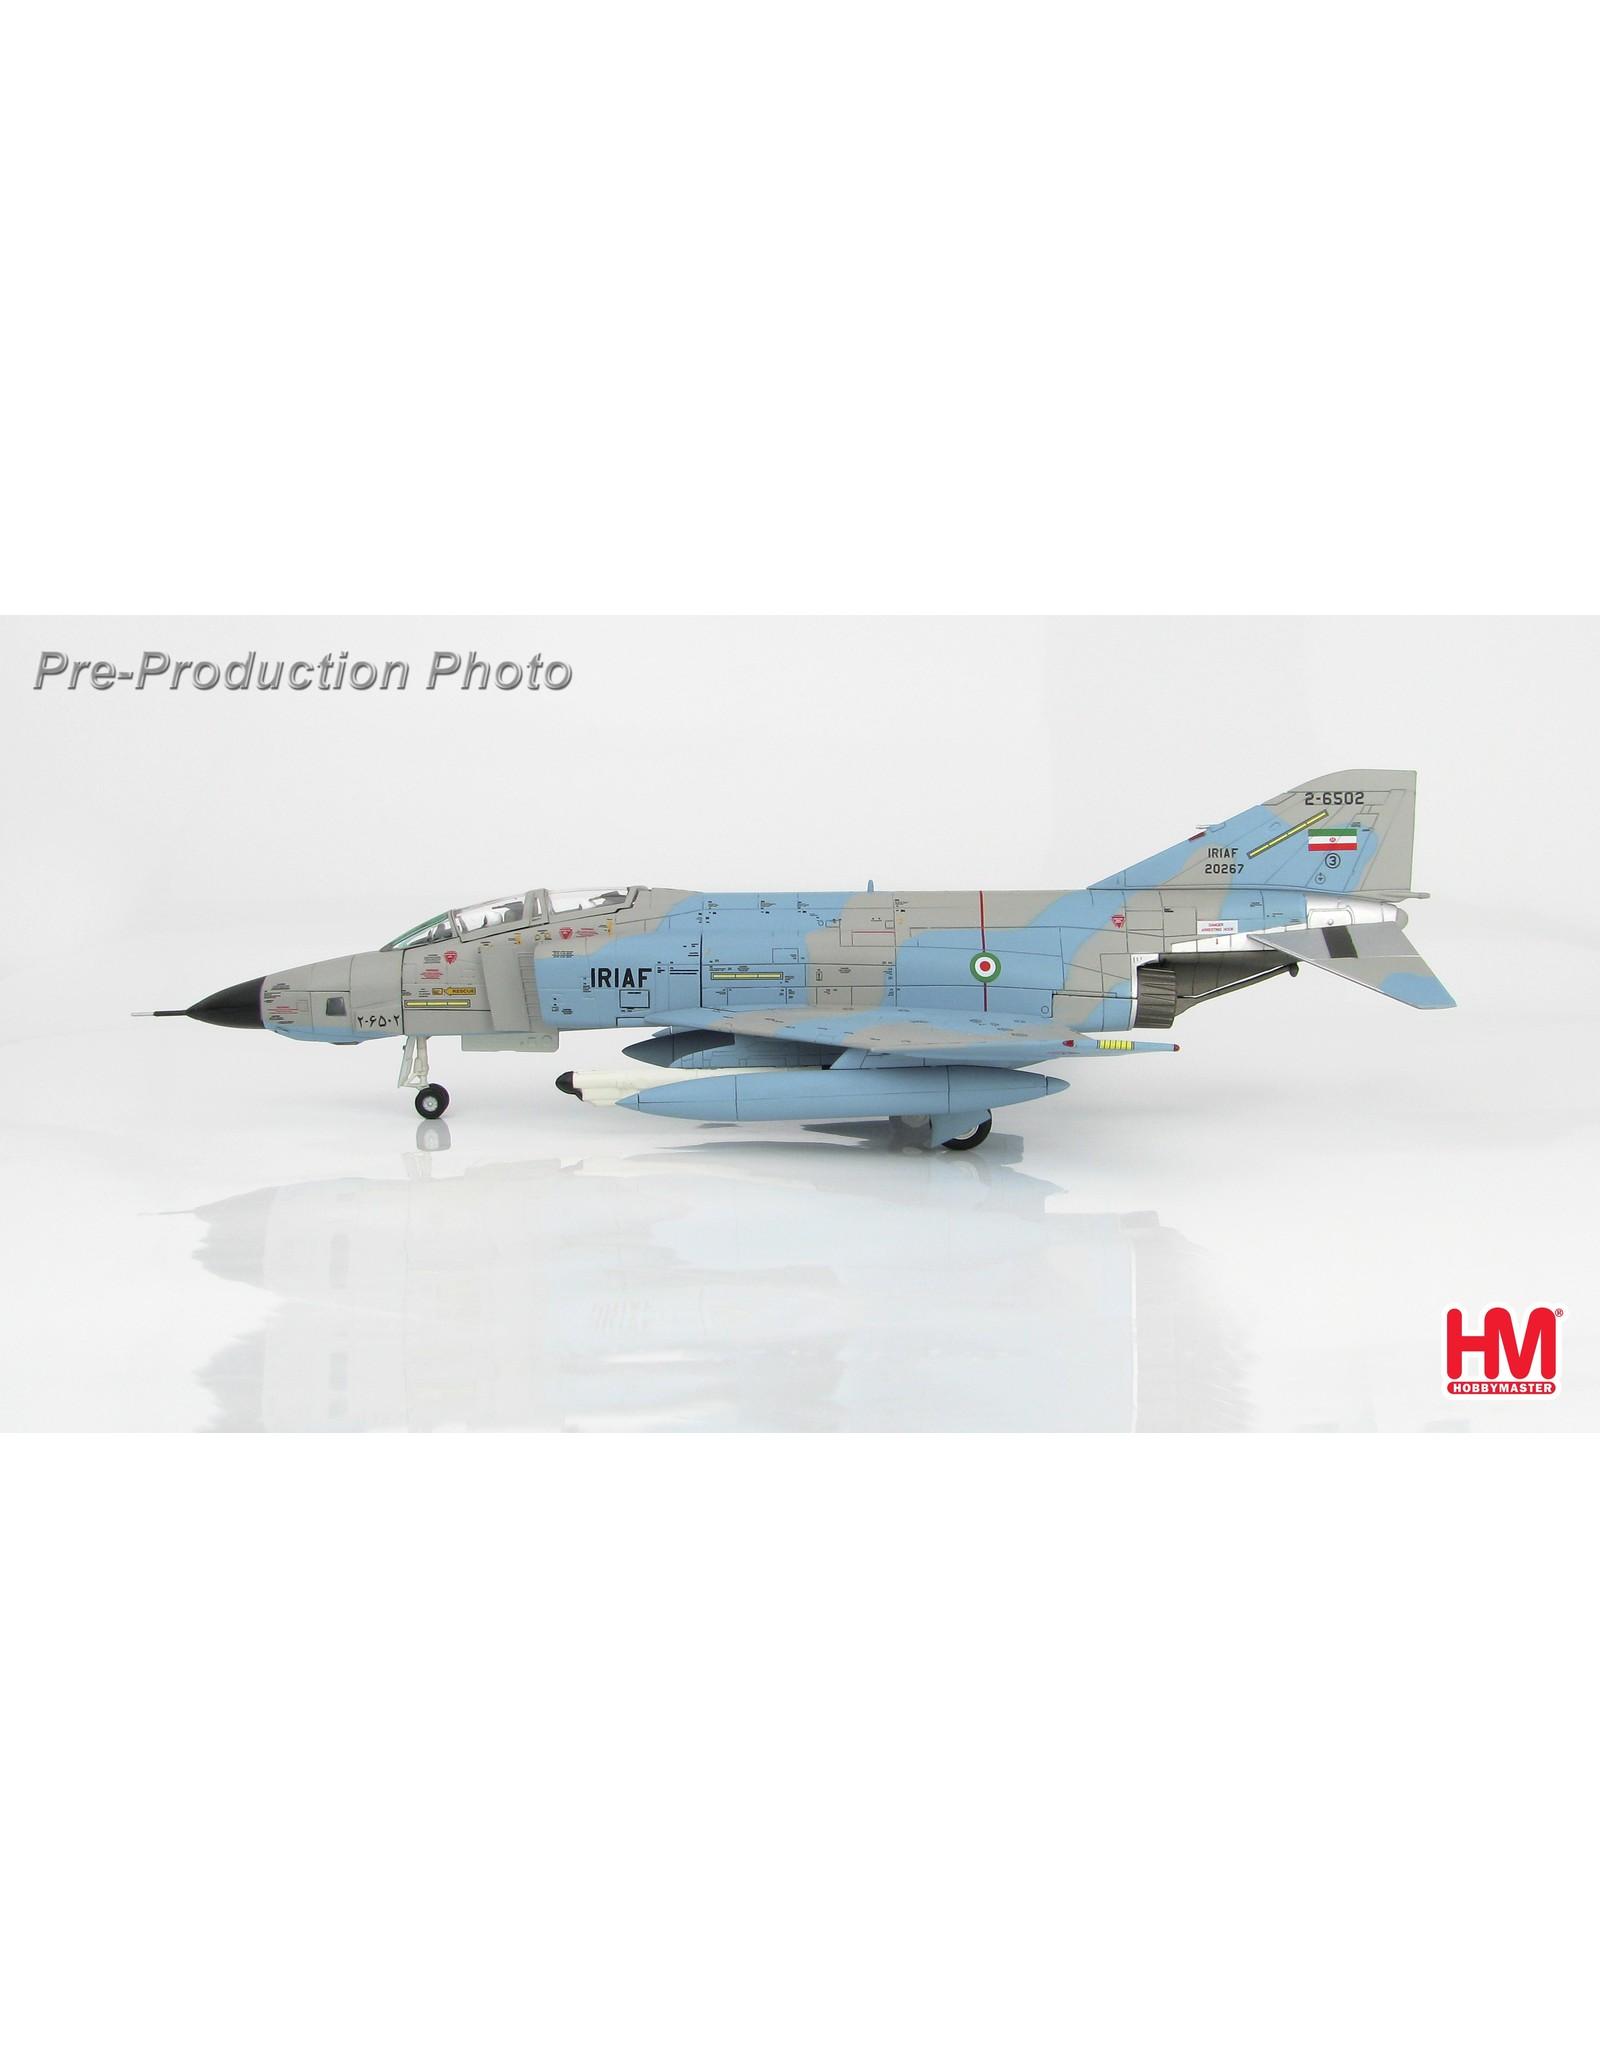 HM RF-4E Phantom II IRIAF